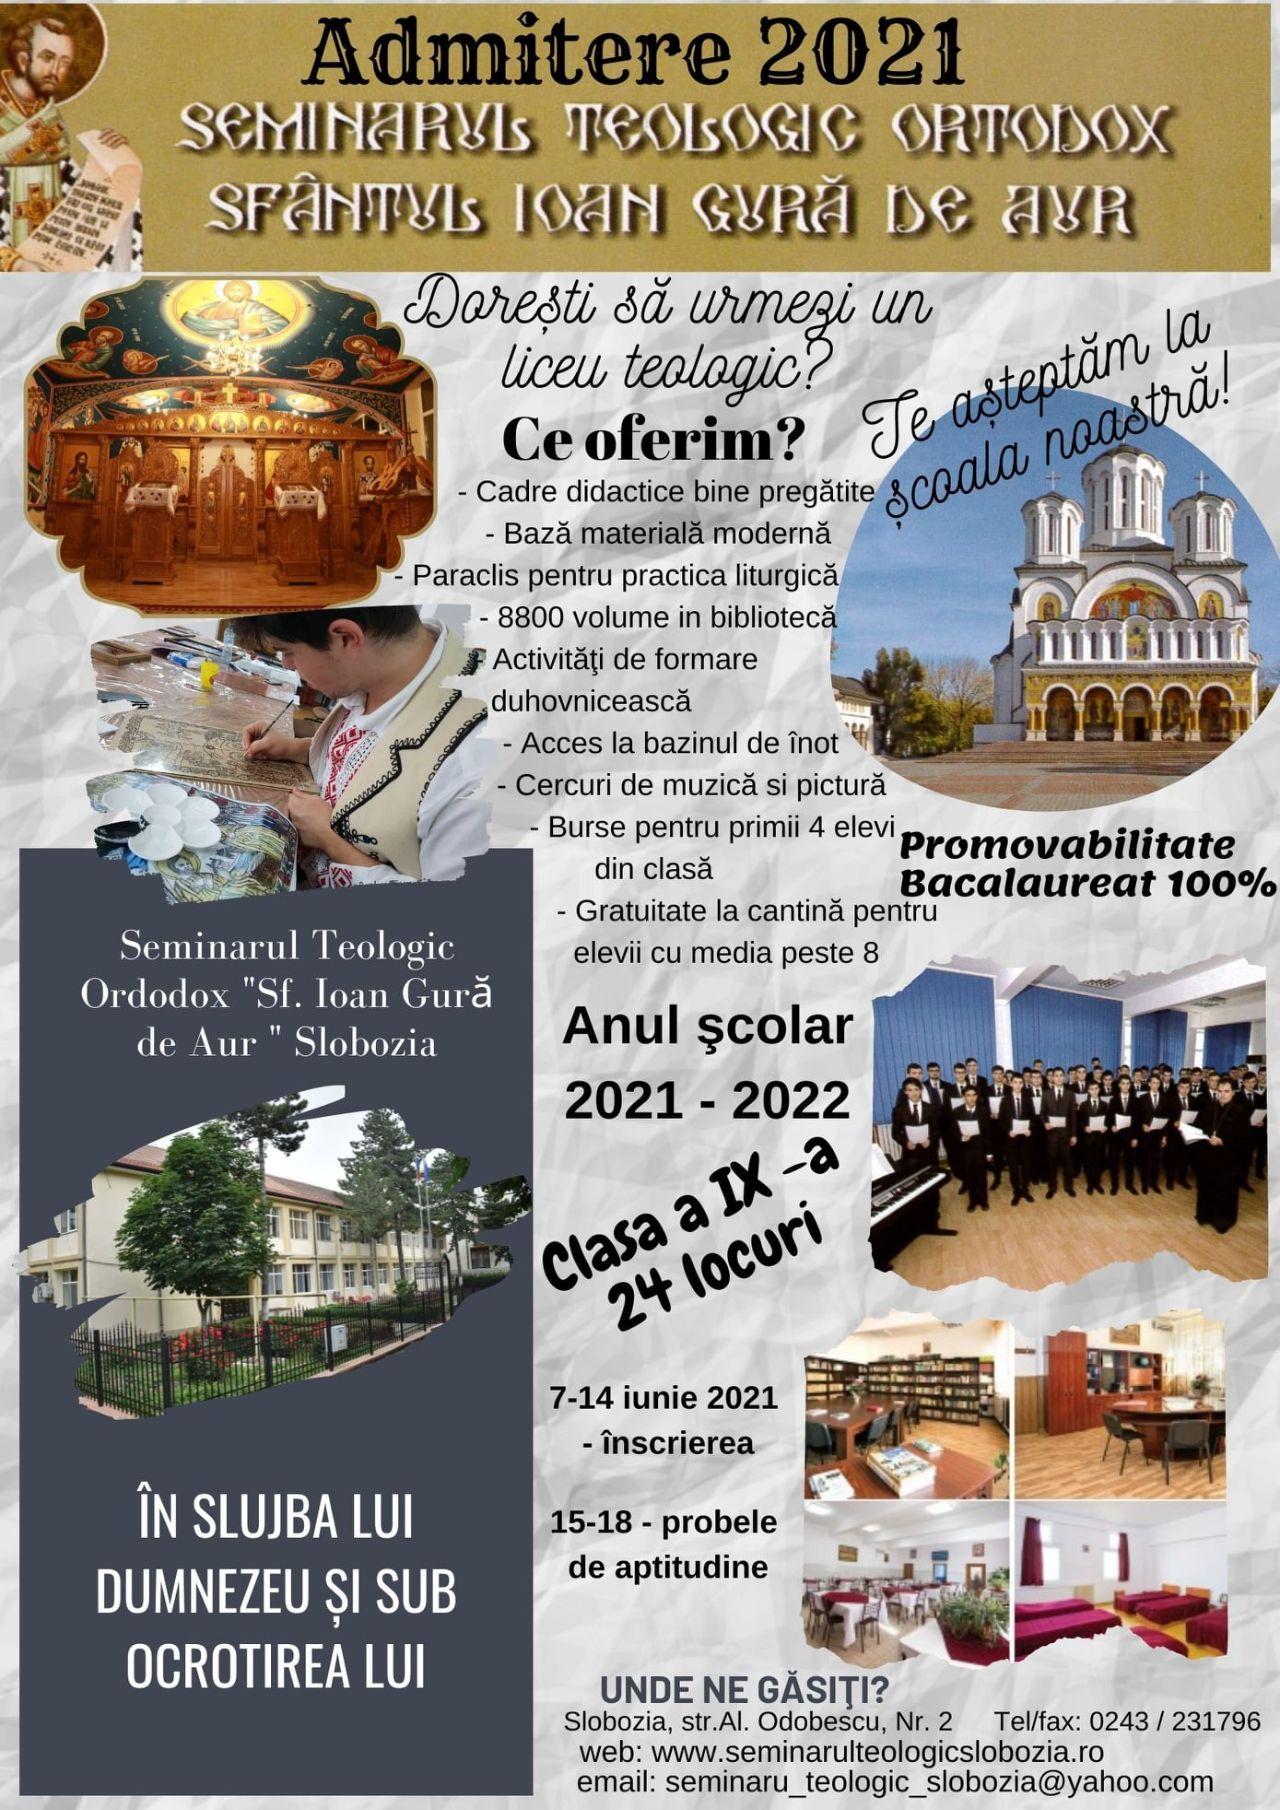 Noul calendar de admitere la Seminarul Teologic Ortodox Sfântul Ioan Gură de Aur Slobozia